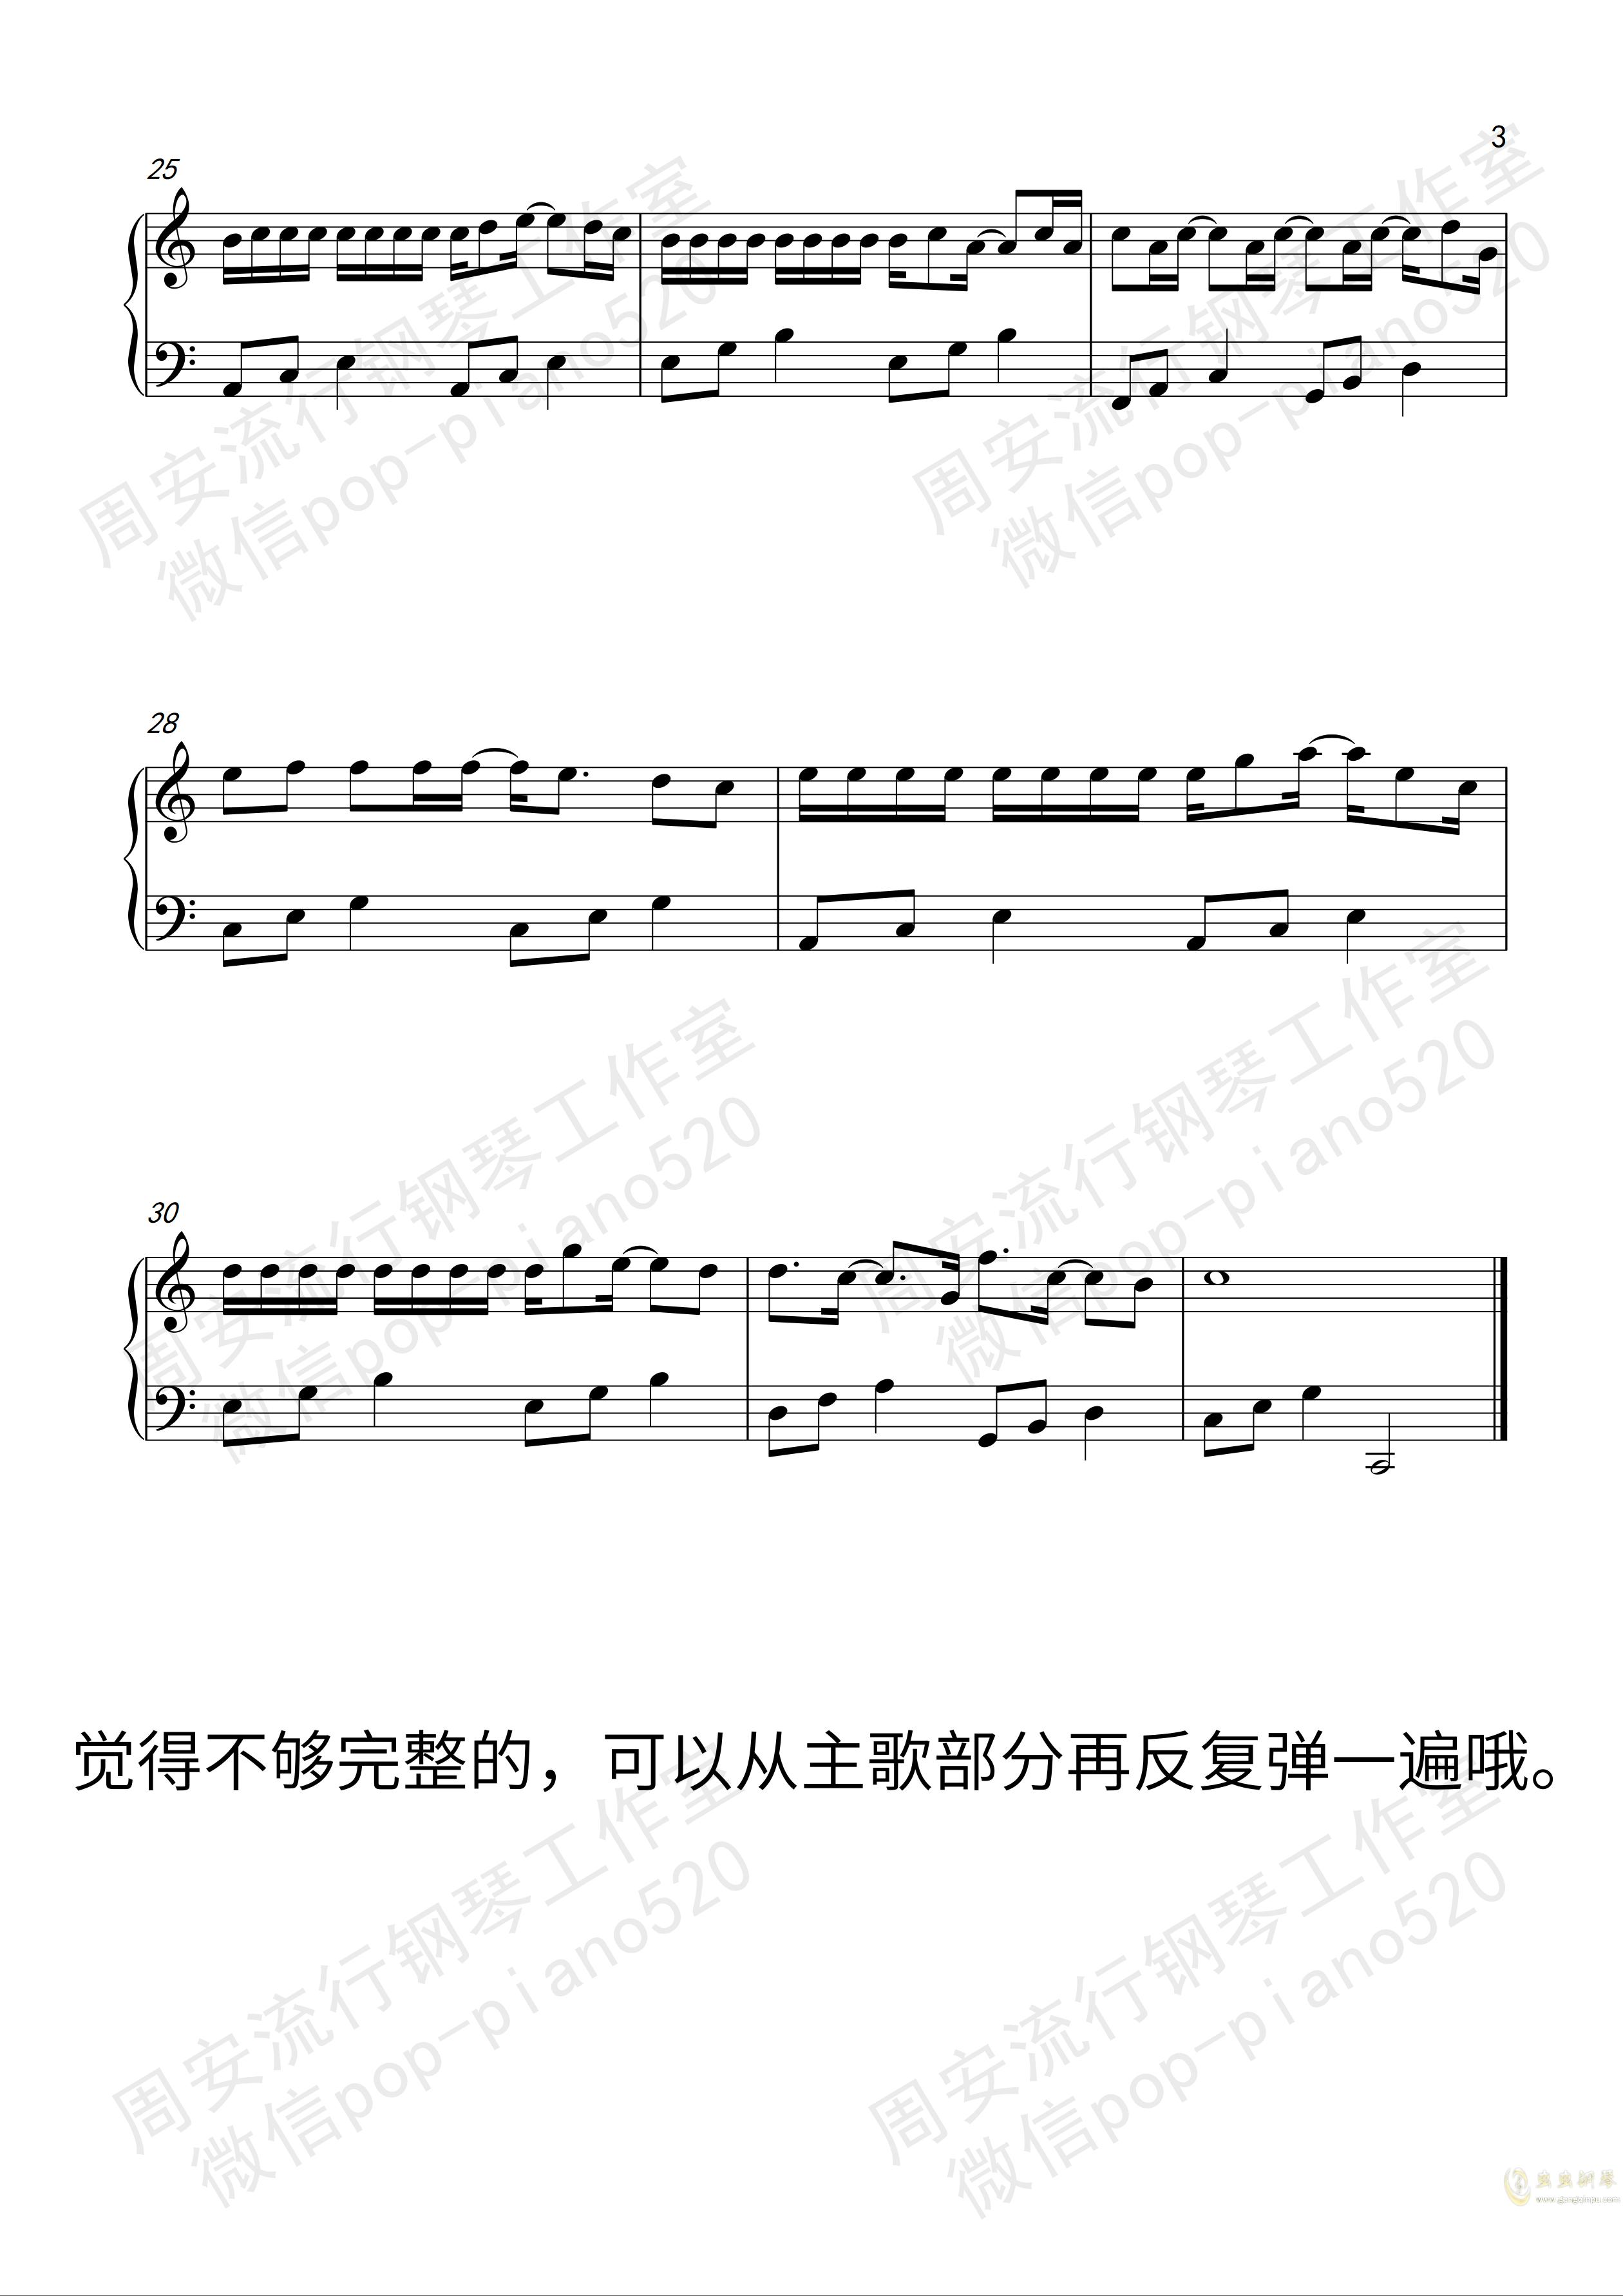 嚣张钢琴谱 第3页